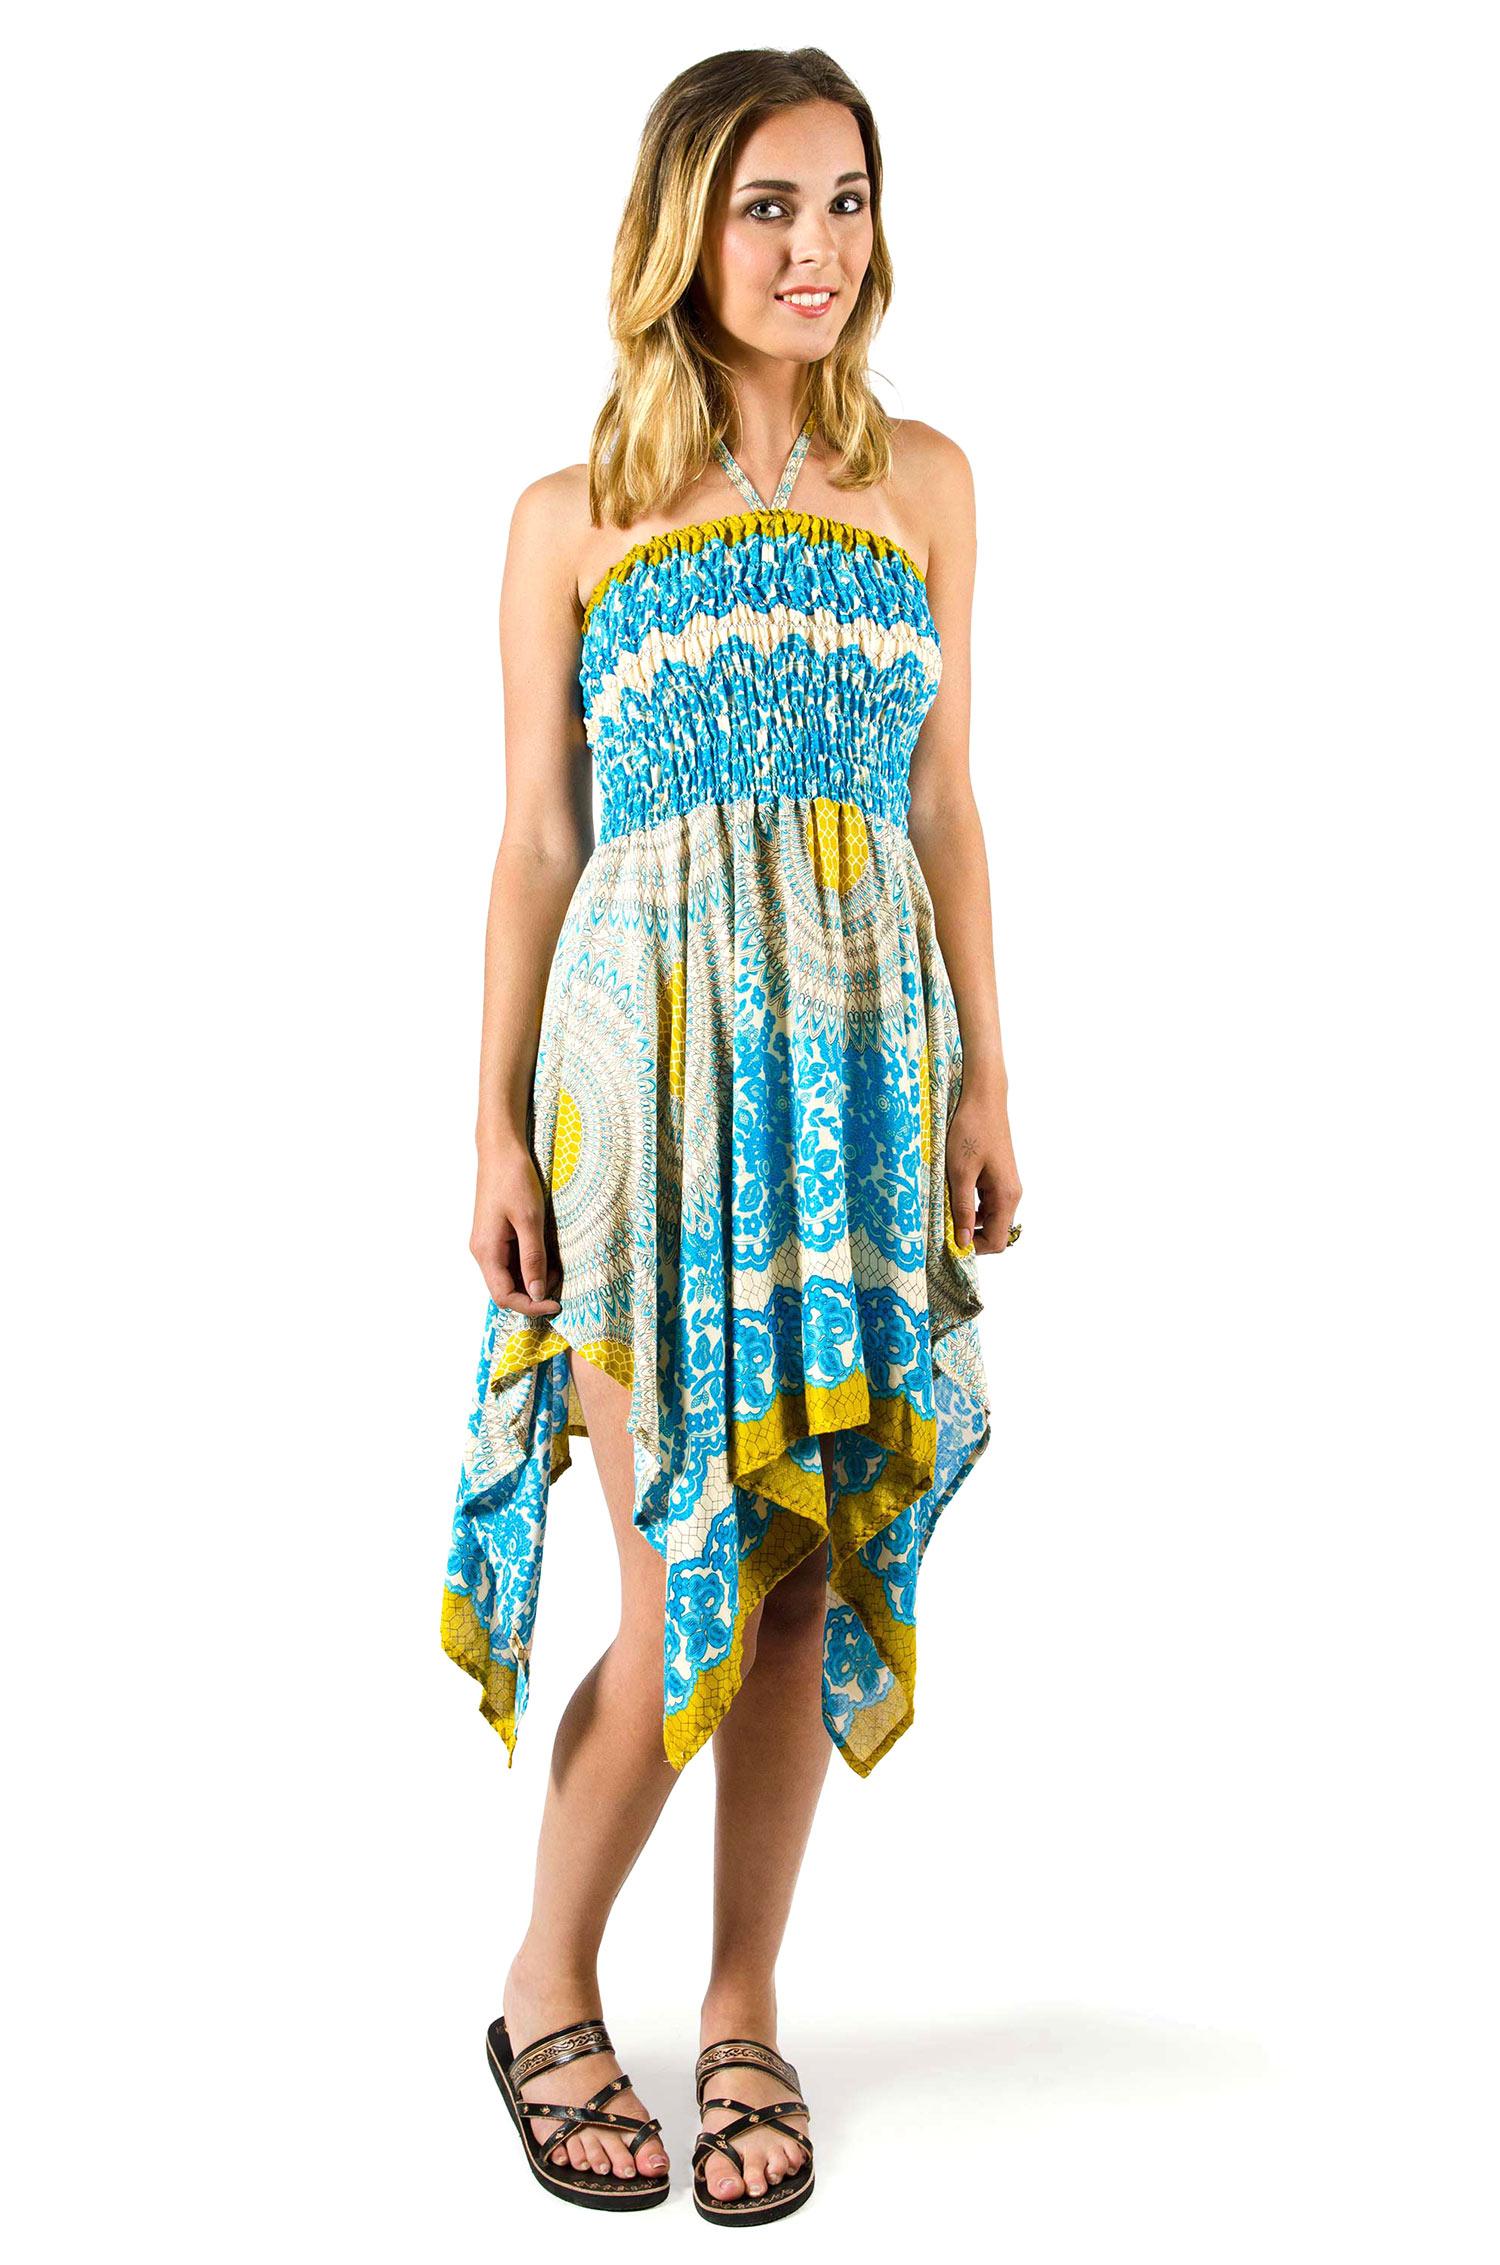 Convertible Print Fairy Dress / Skirt - Teal - 3135T